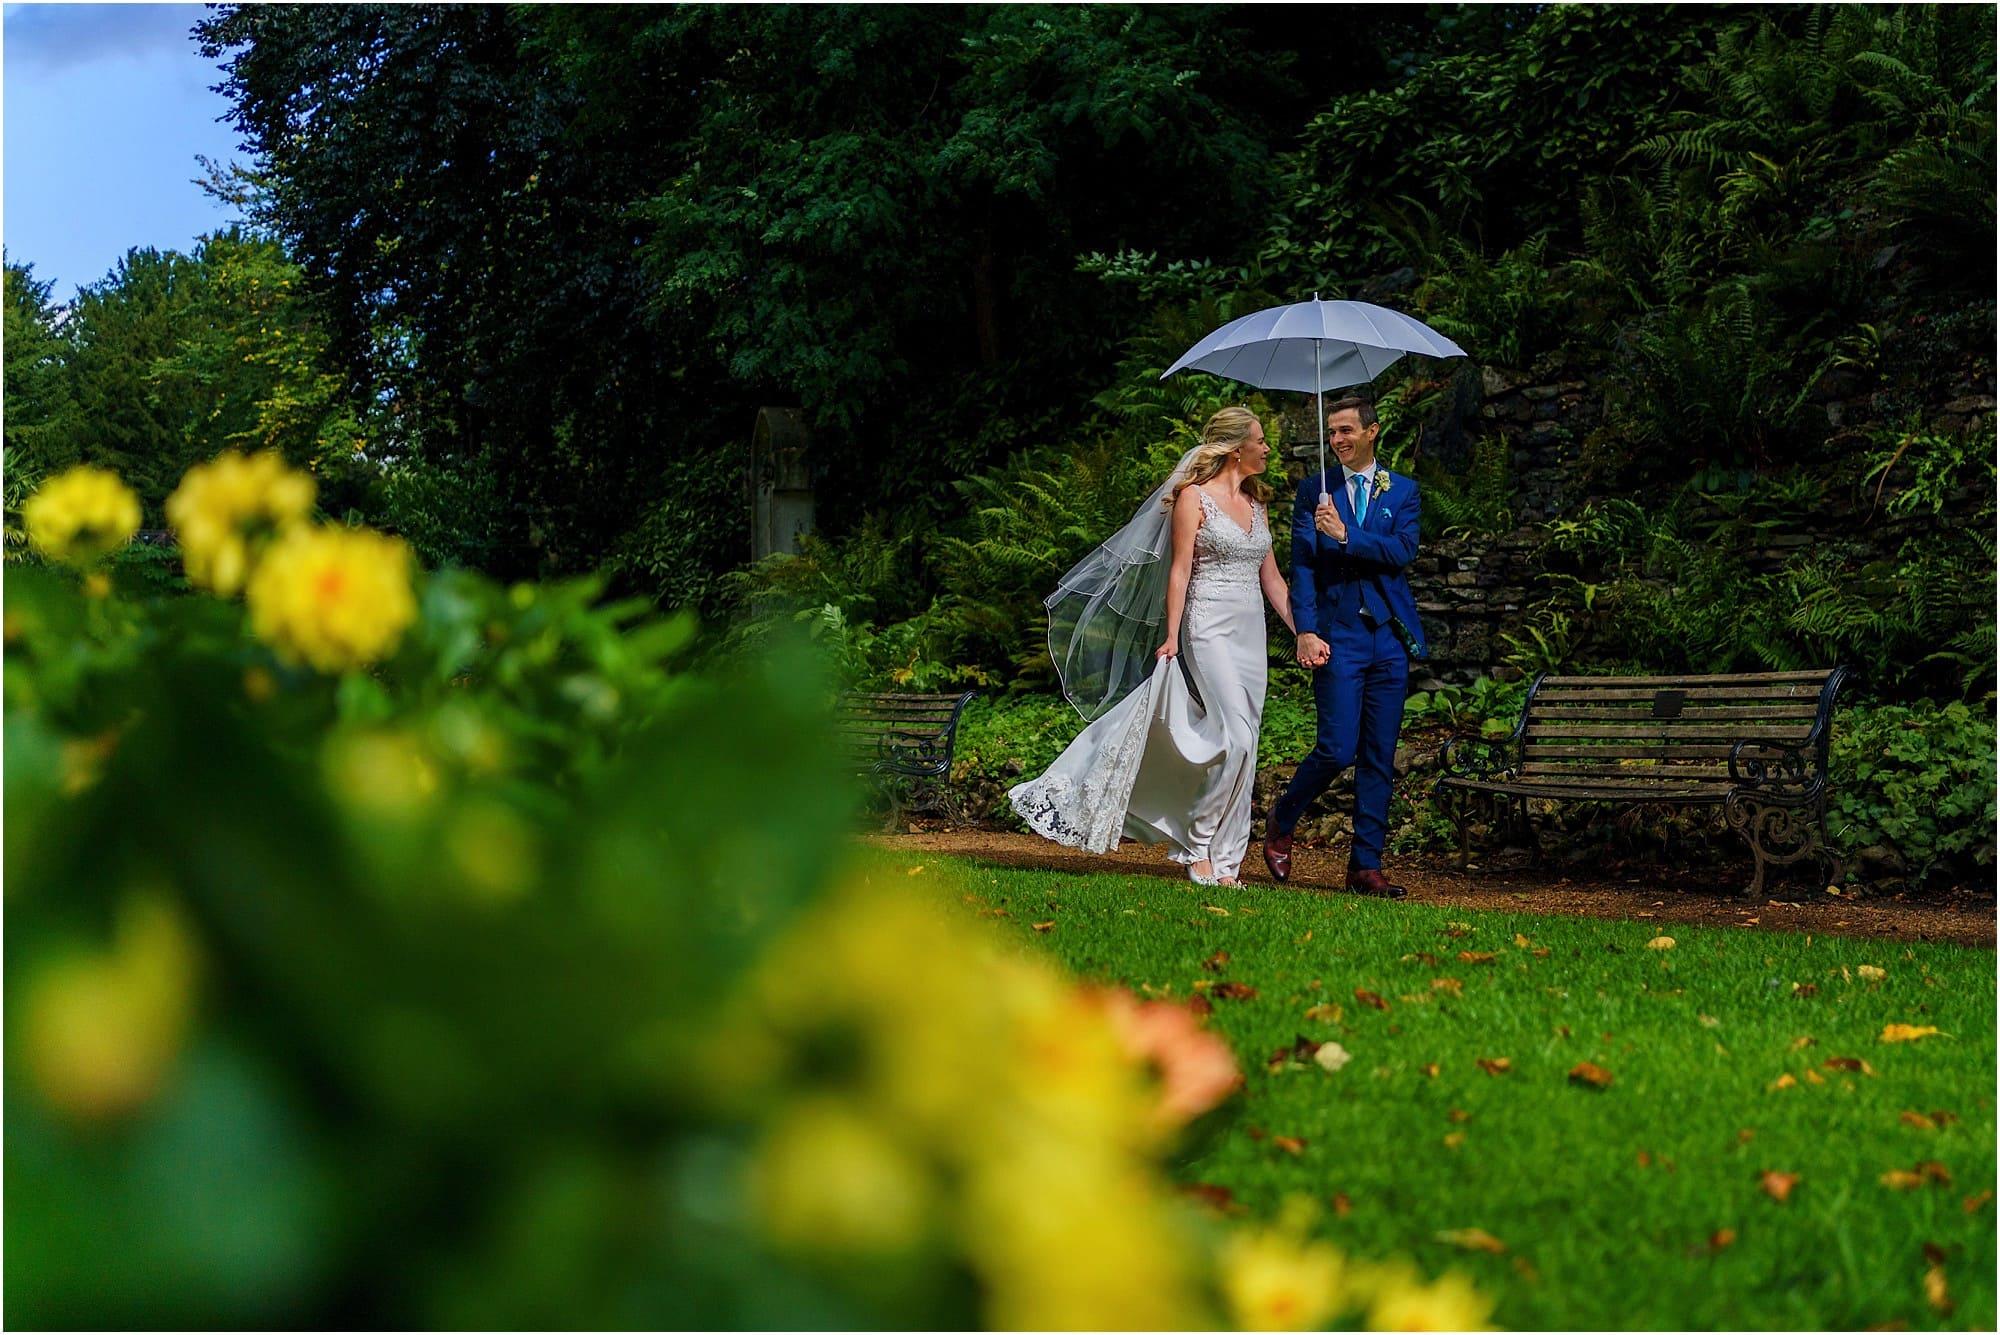 walking around the gardens with white umbrella